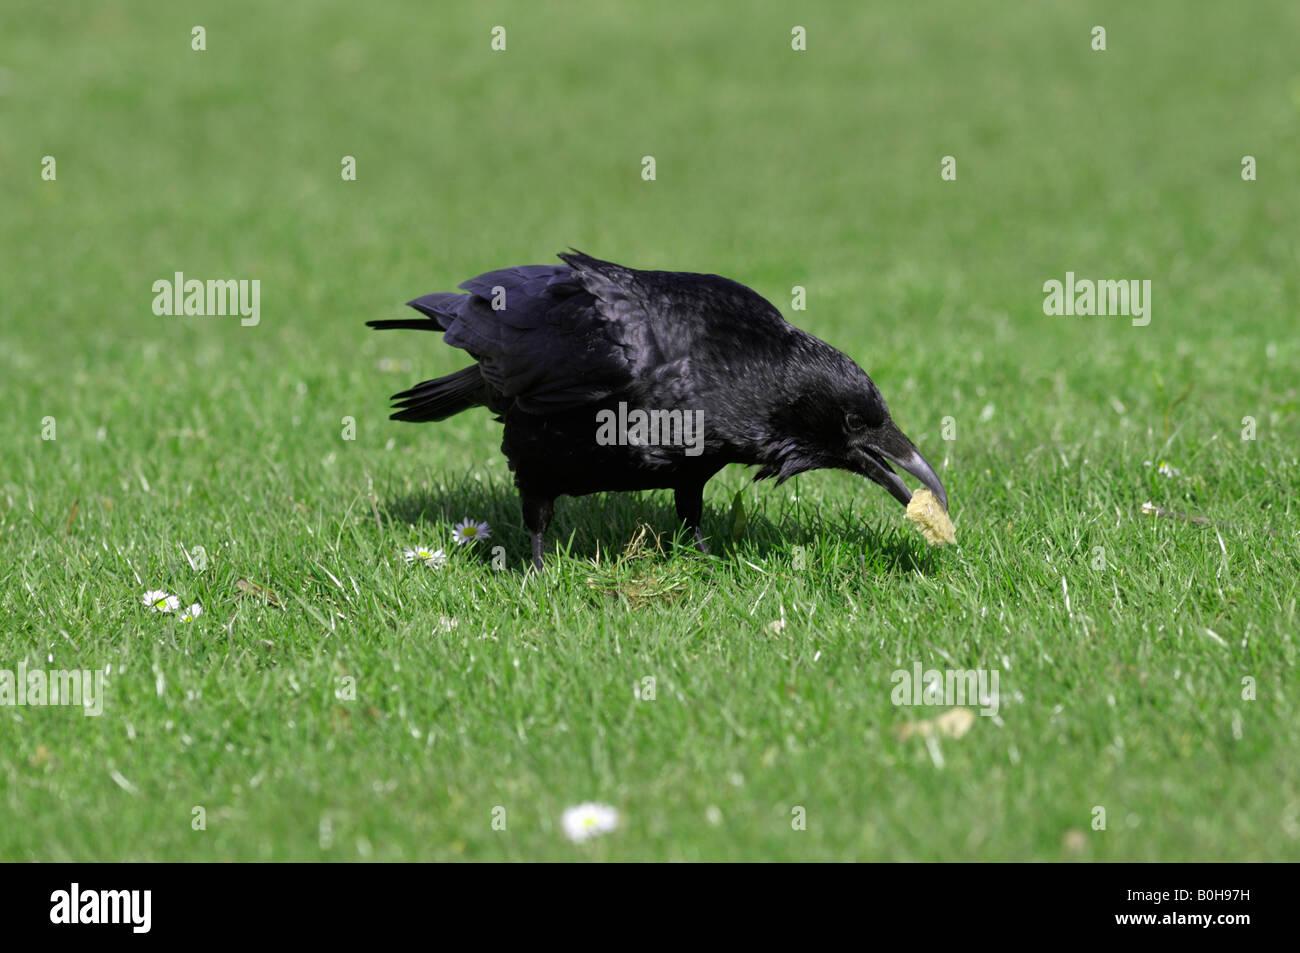 AAS-Krähe (Corvus Corone Corone) Fütterung auf Brot Stockbild